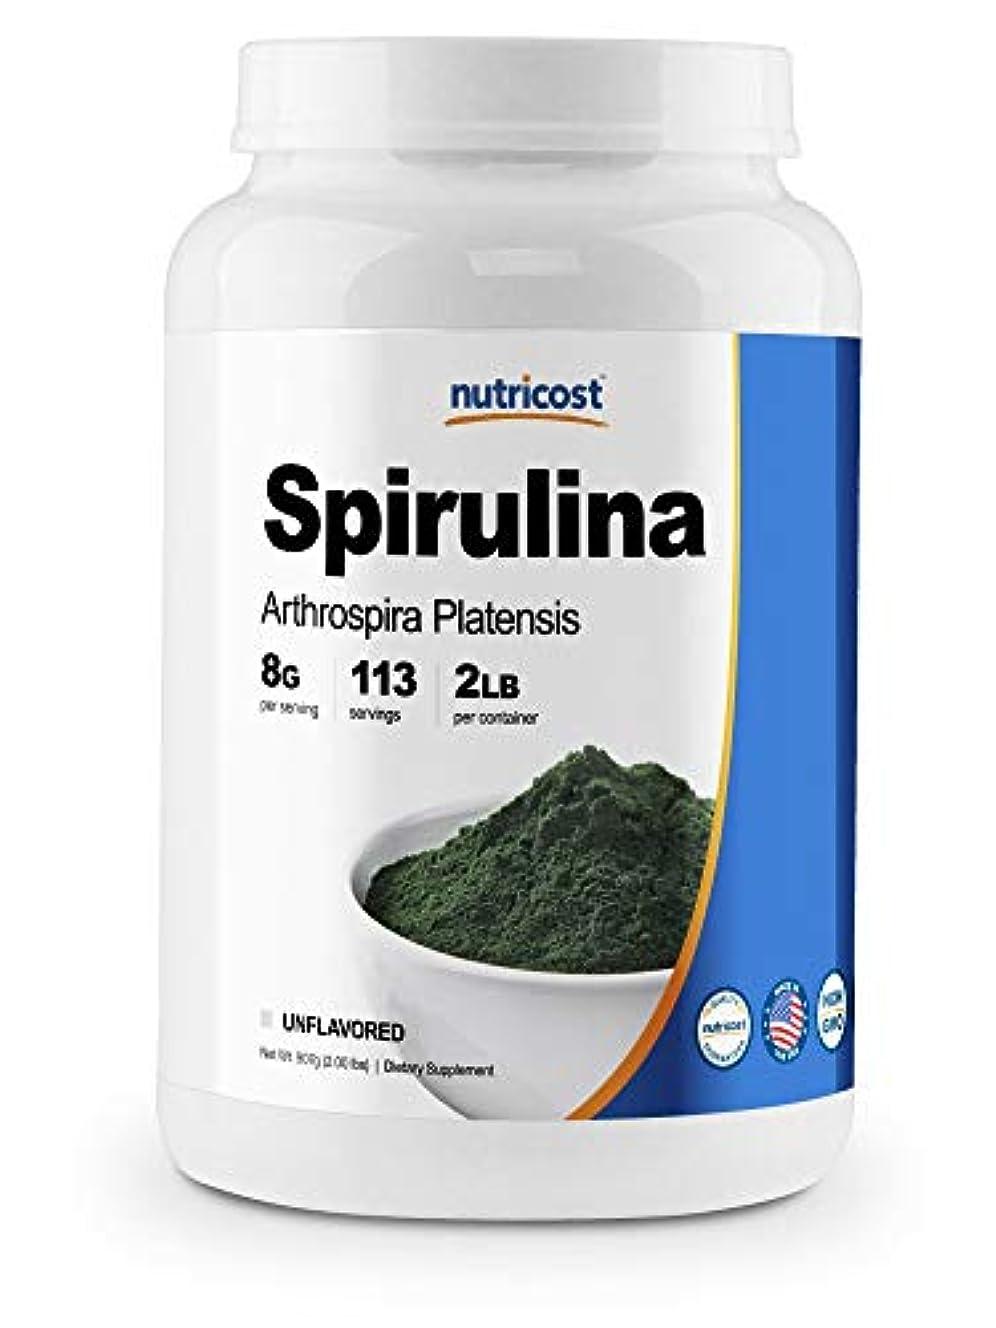 発言する翻訳者契約したNutricost スピルリナパウダー2ポンド - サービングごとの純粋な、良質のスピルリナ8000mg